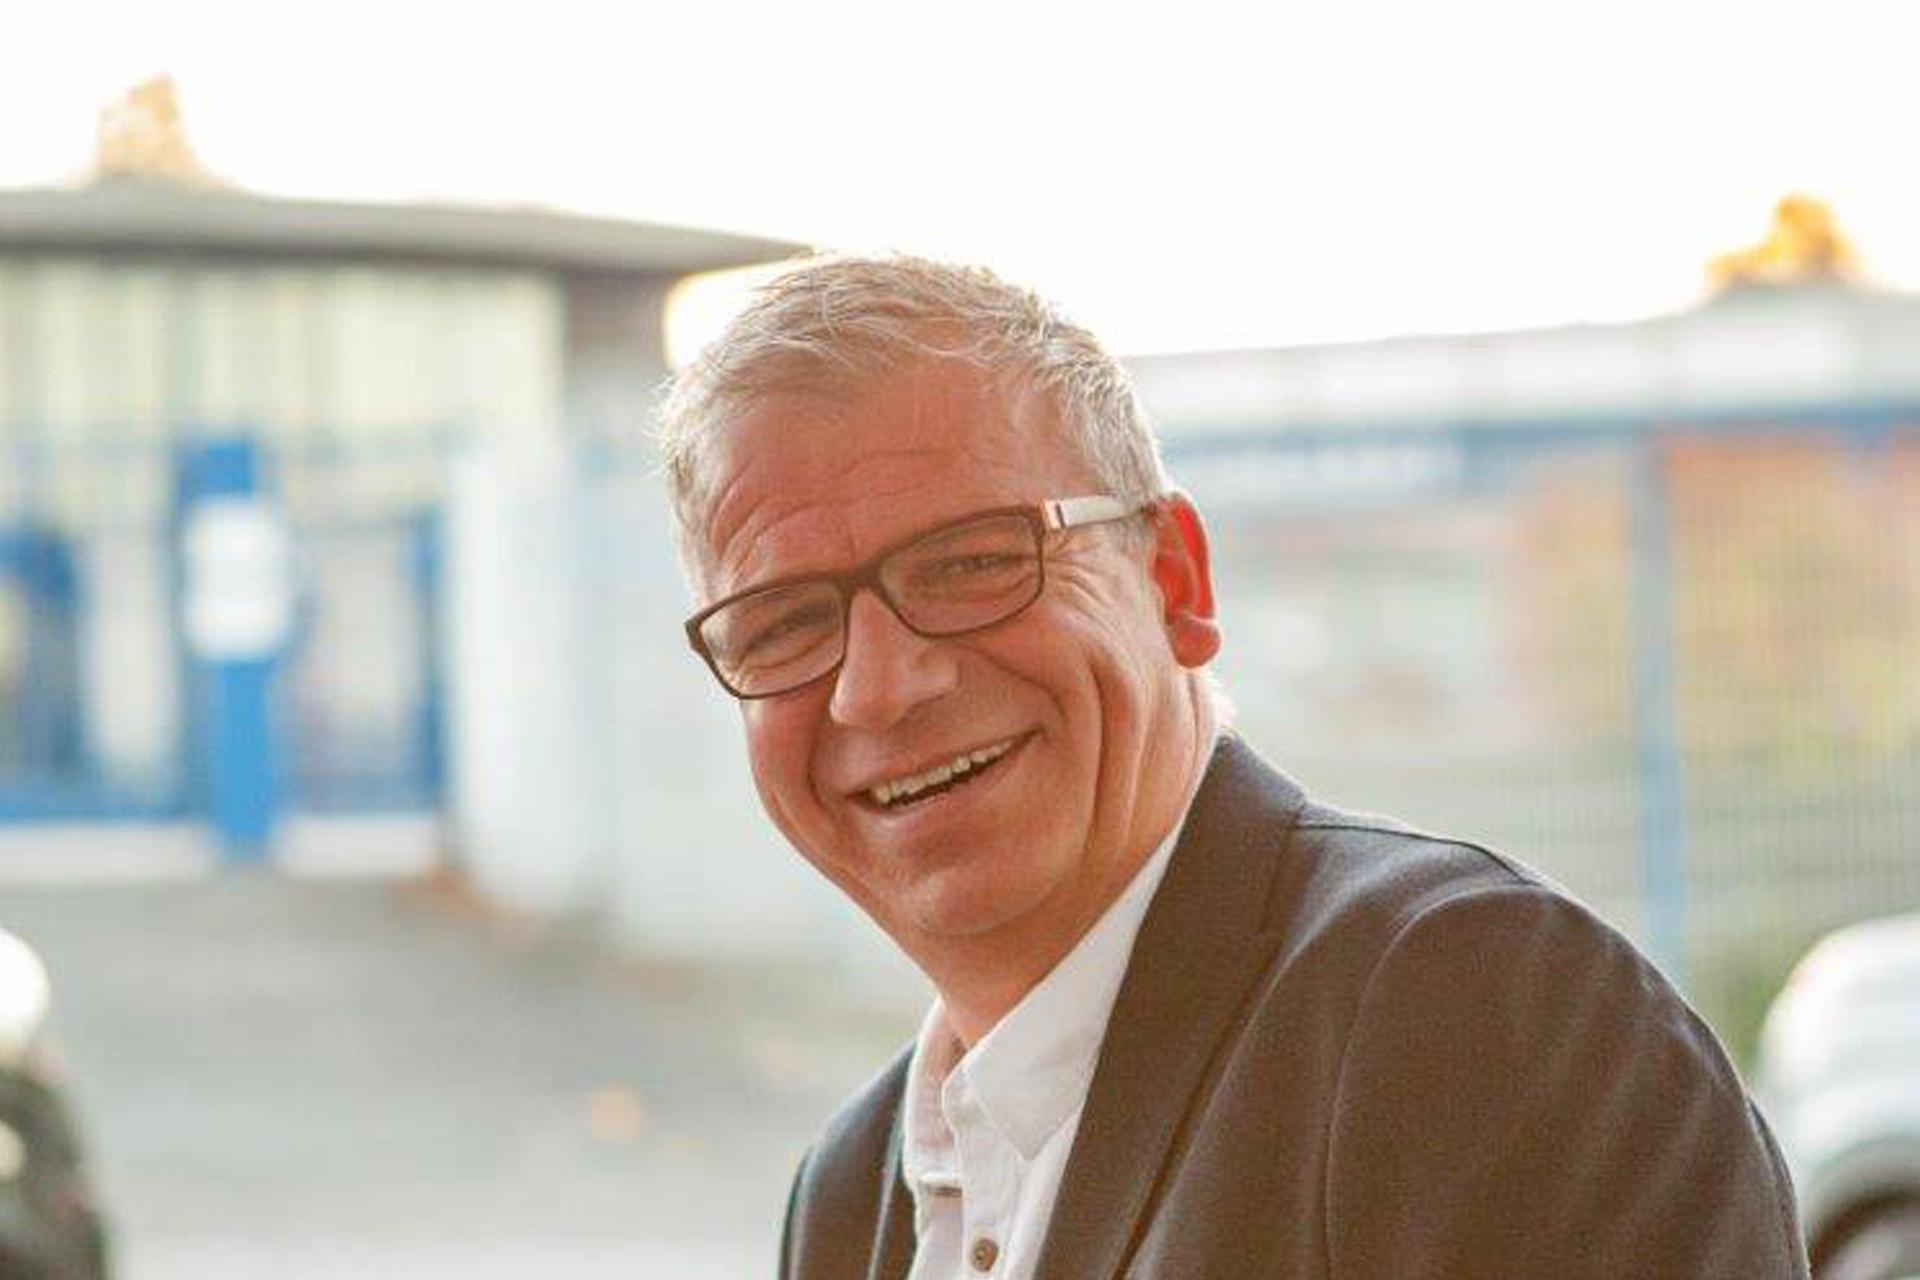 Wenzel Reiskirchen